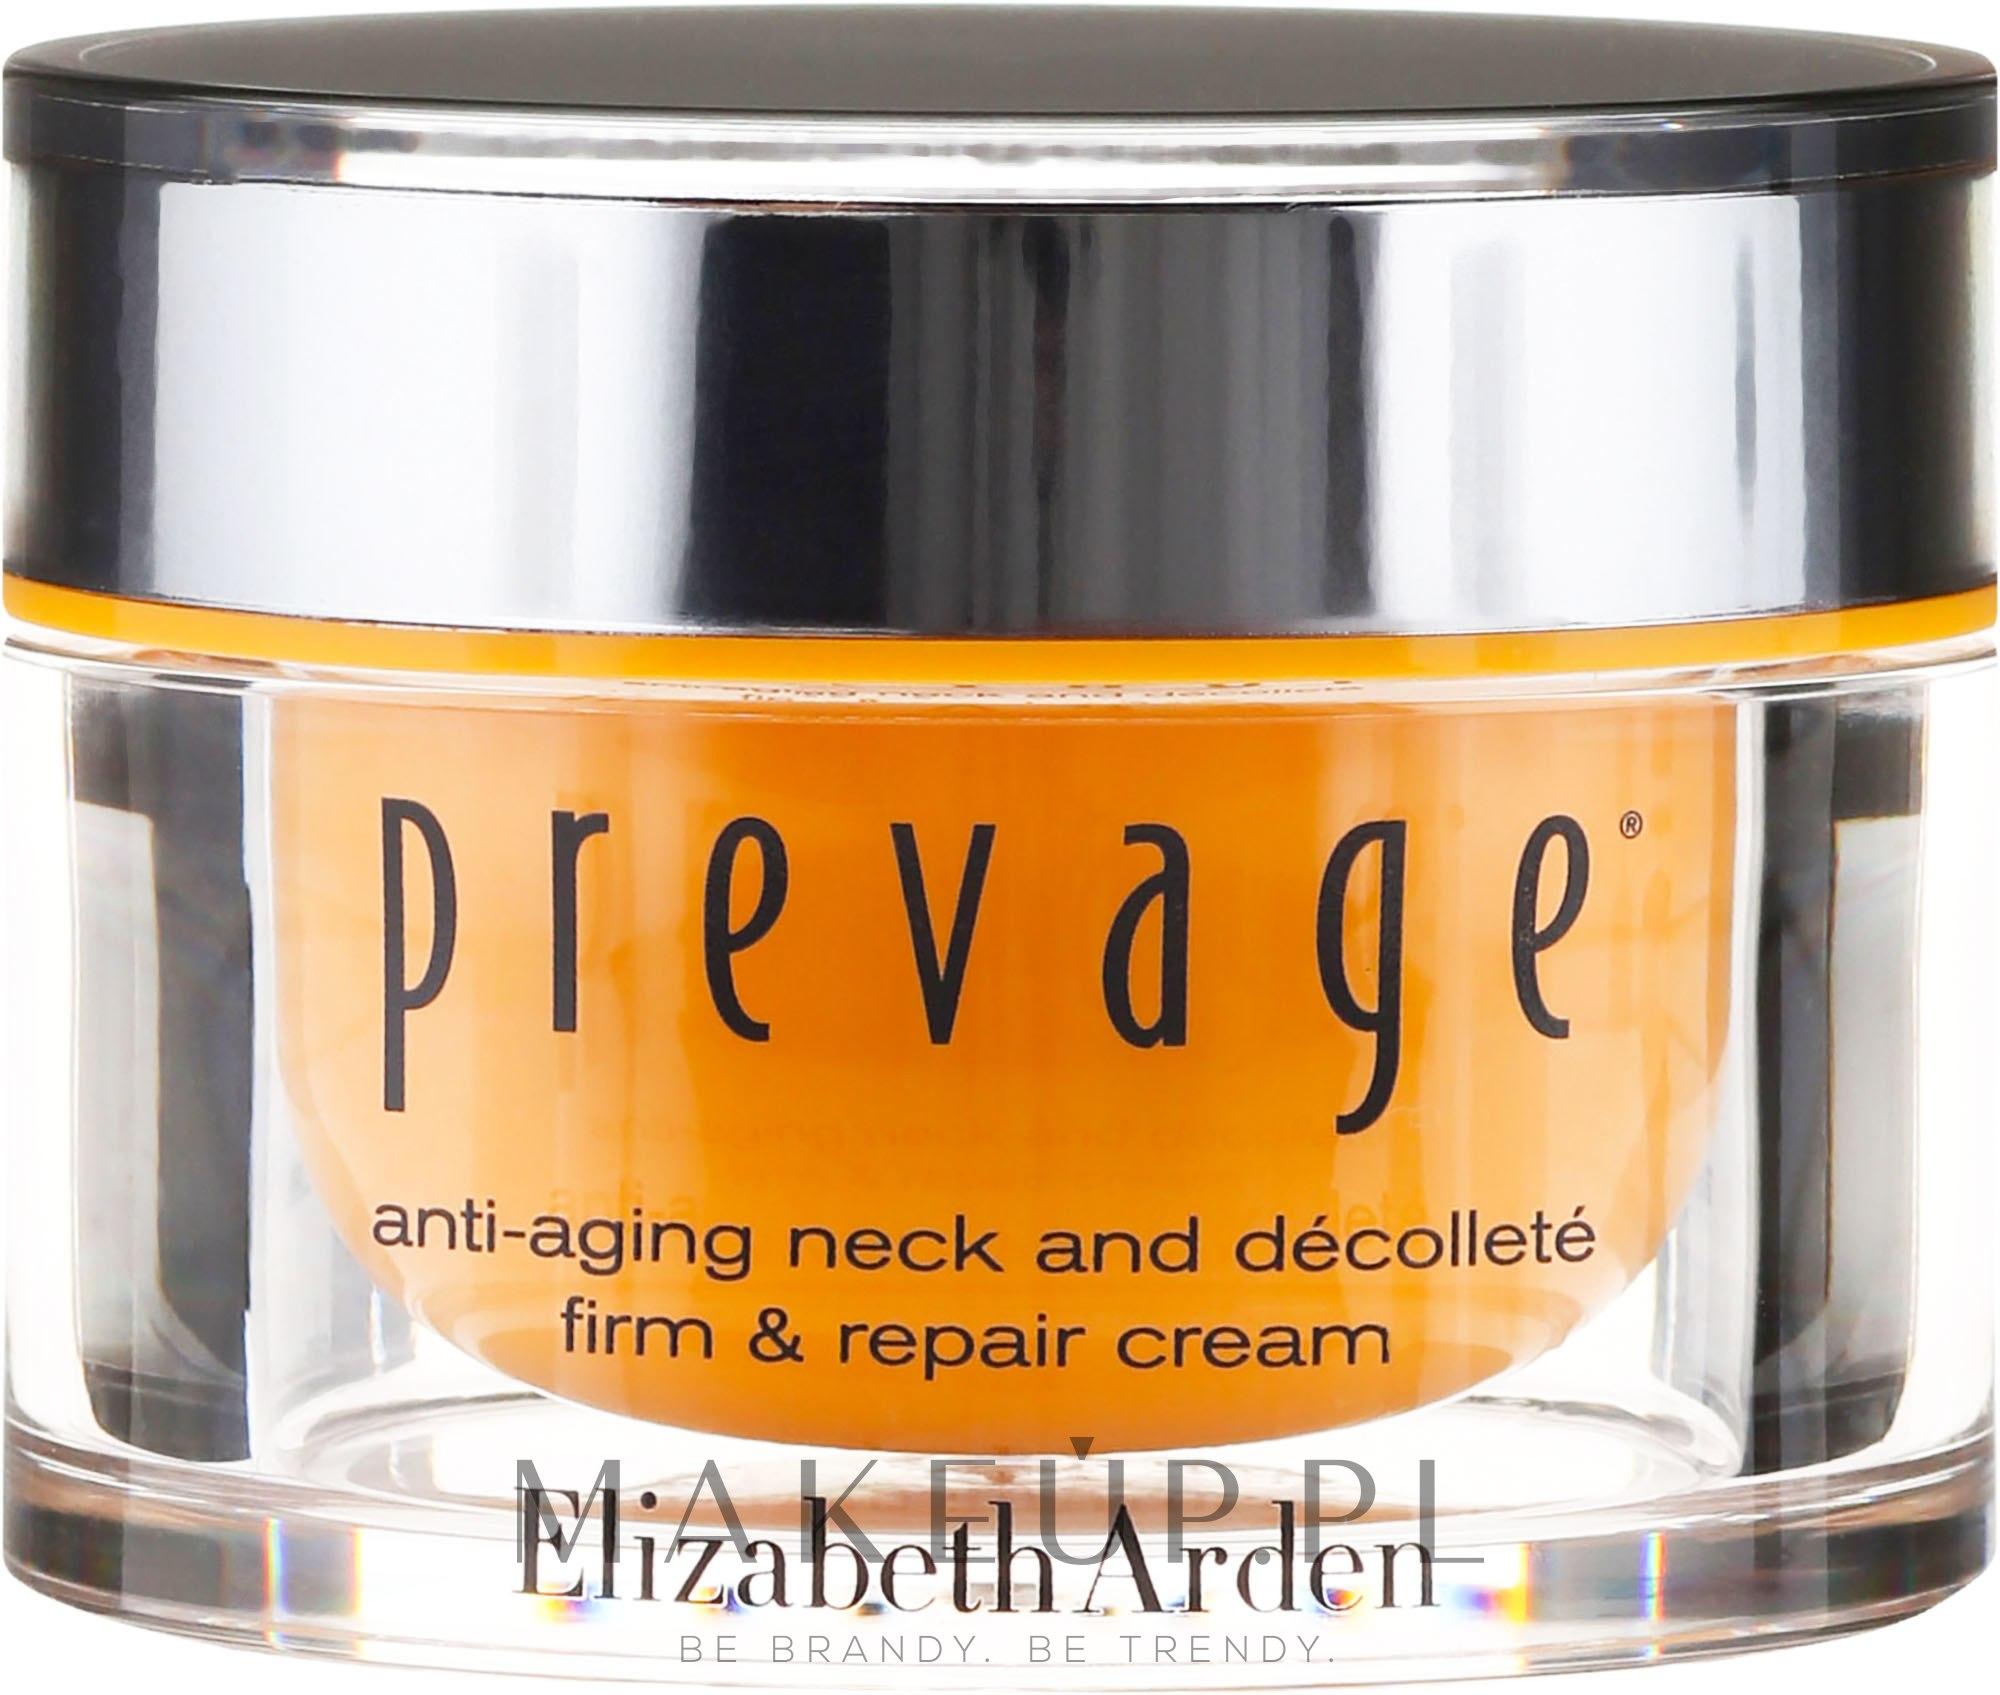 Naprawczy krem przeciwstarzeniowy do szyi i dekoltu - Elizabeth Arden Prevage Neck And Decollette Firm & Repair Cream — фото 50 ml